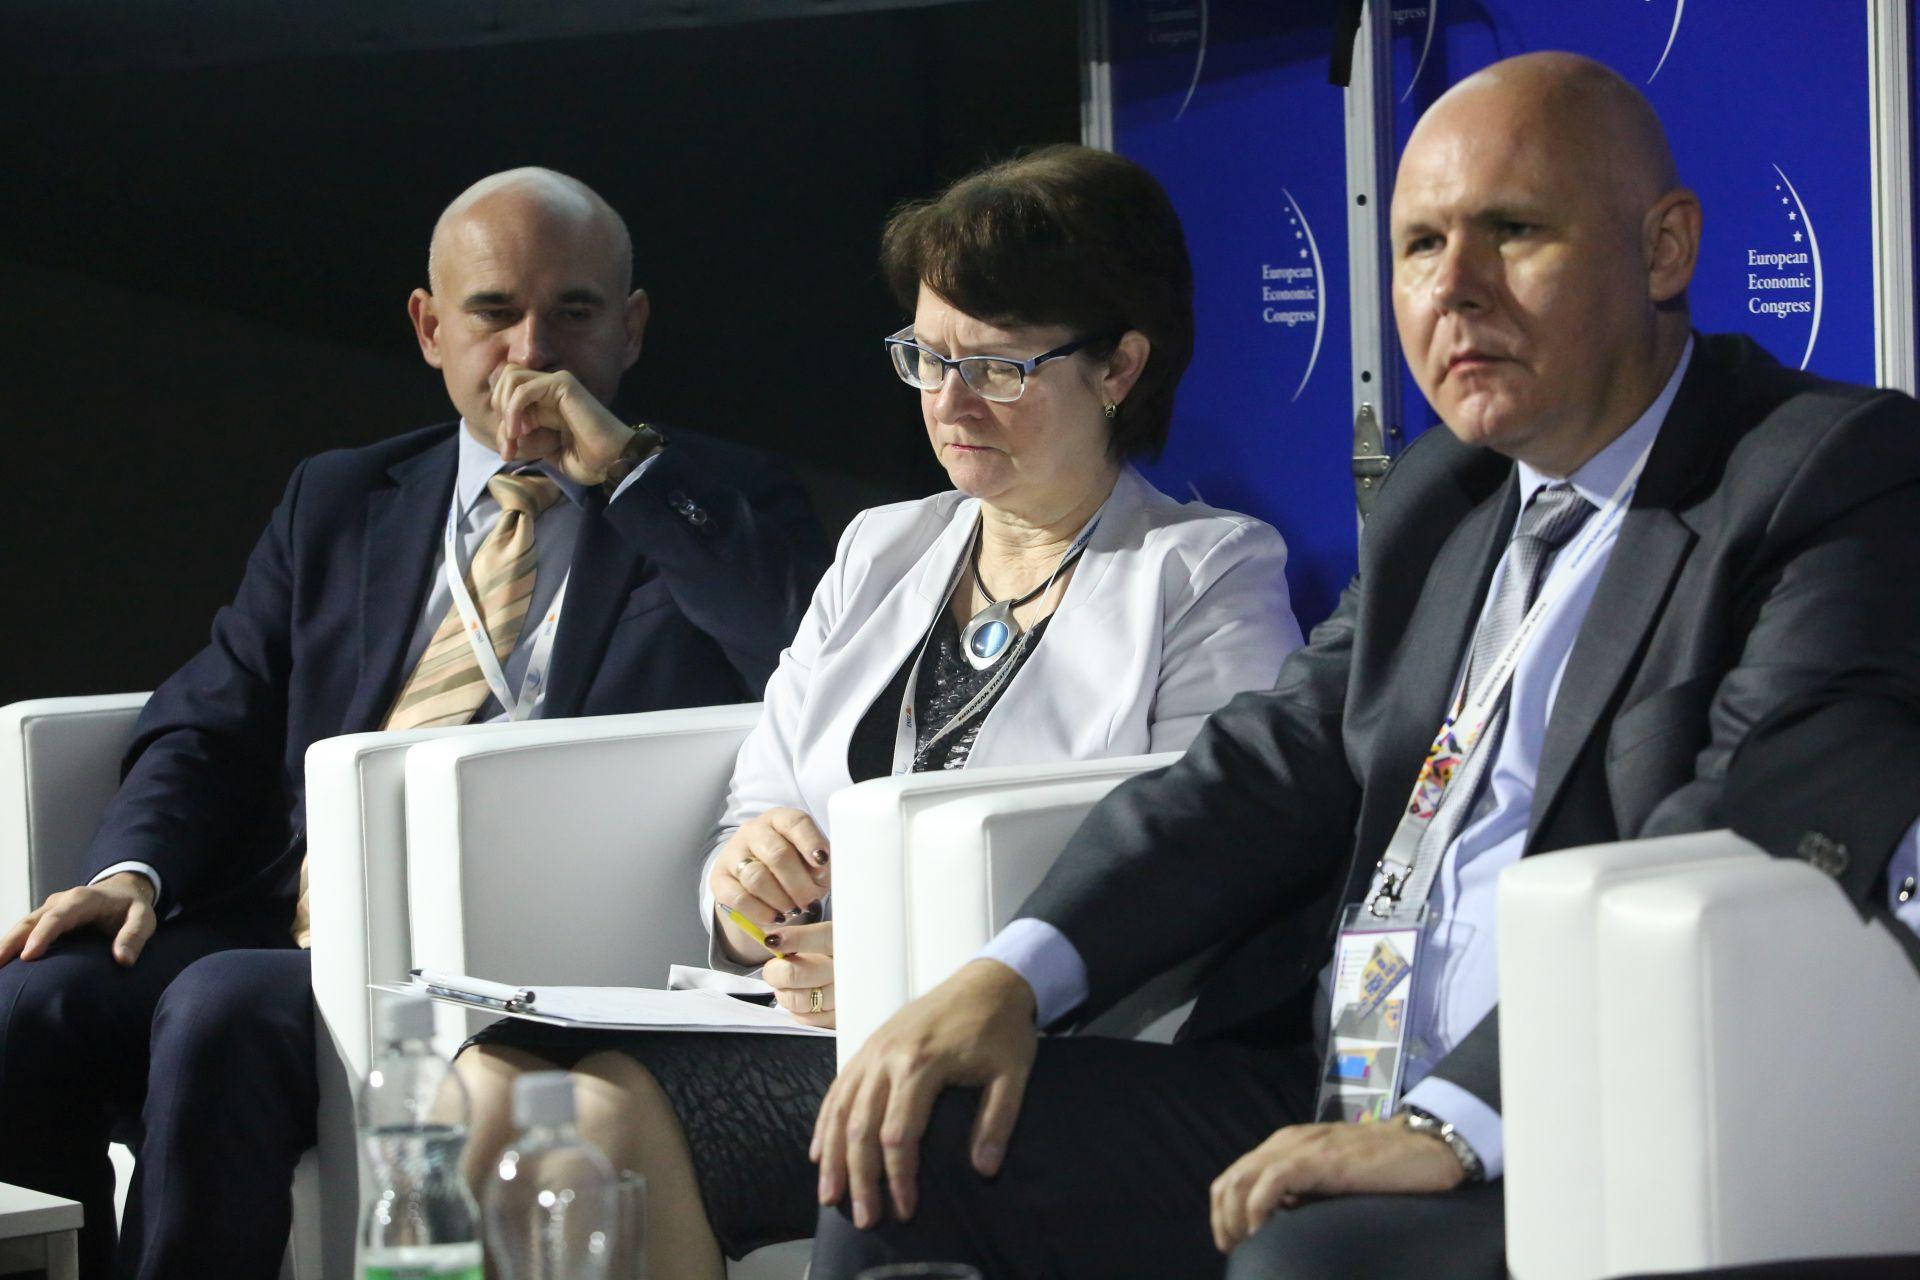 Od lewej: Mirosław Józefczuk (Warbud), Marta Bis, prezes zarządu w PWiK w Tarnowskich Górach, Maciej Kopański, dyrektor ds. rozwoju w Engie Polska.Fot. PTWP / EM